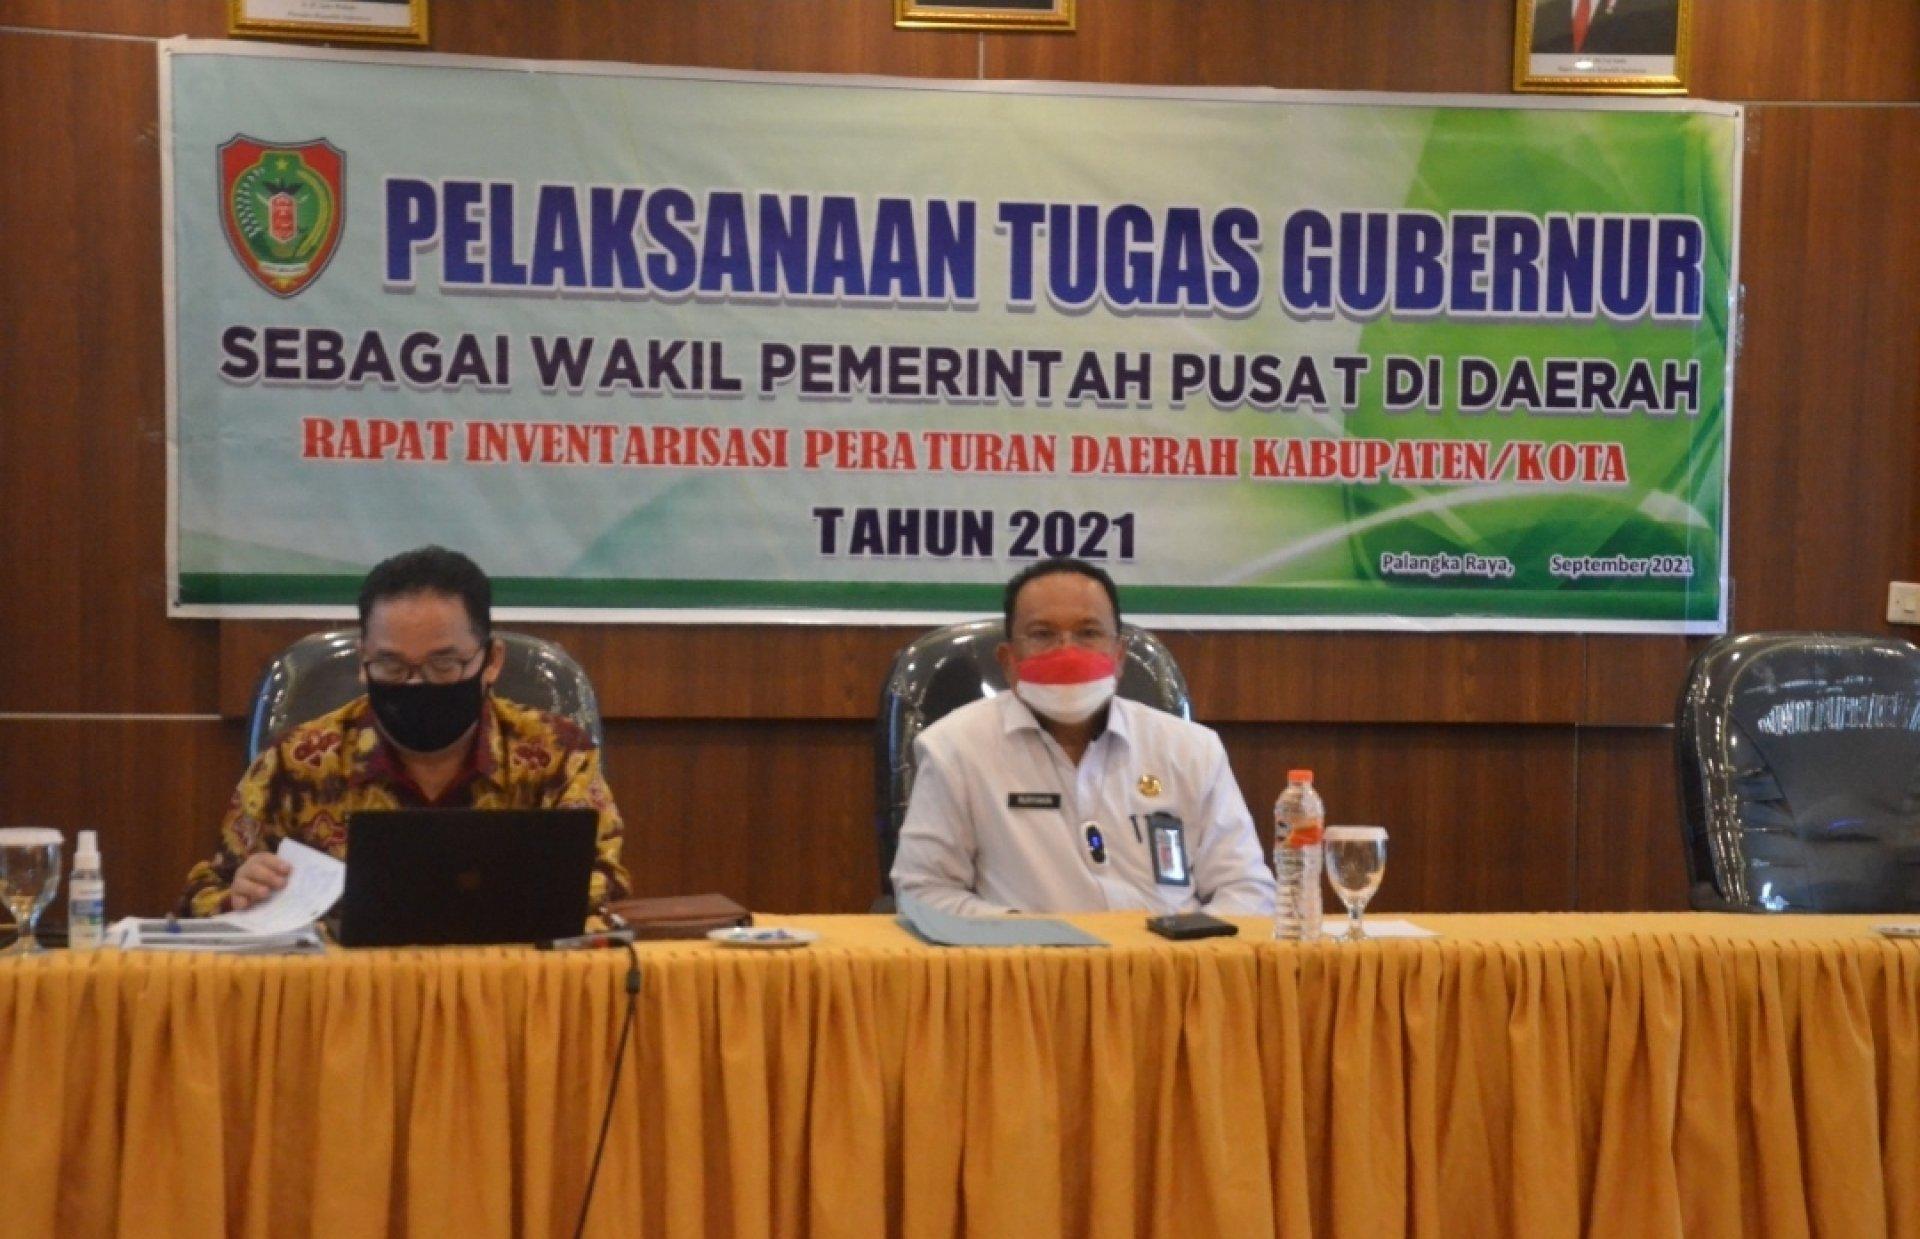 Pj. Sekda Kalteng Buka Rapat Inventarisasi Perda Kabupaten/Kota